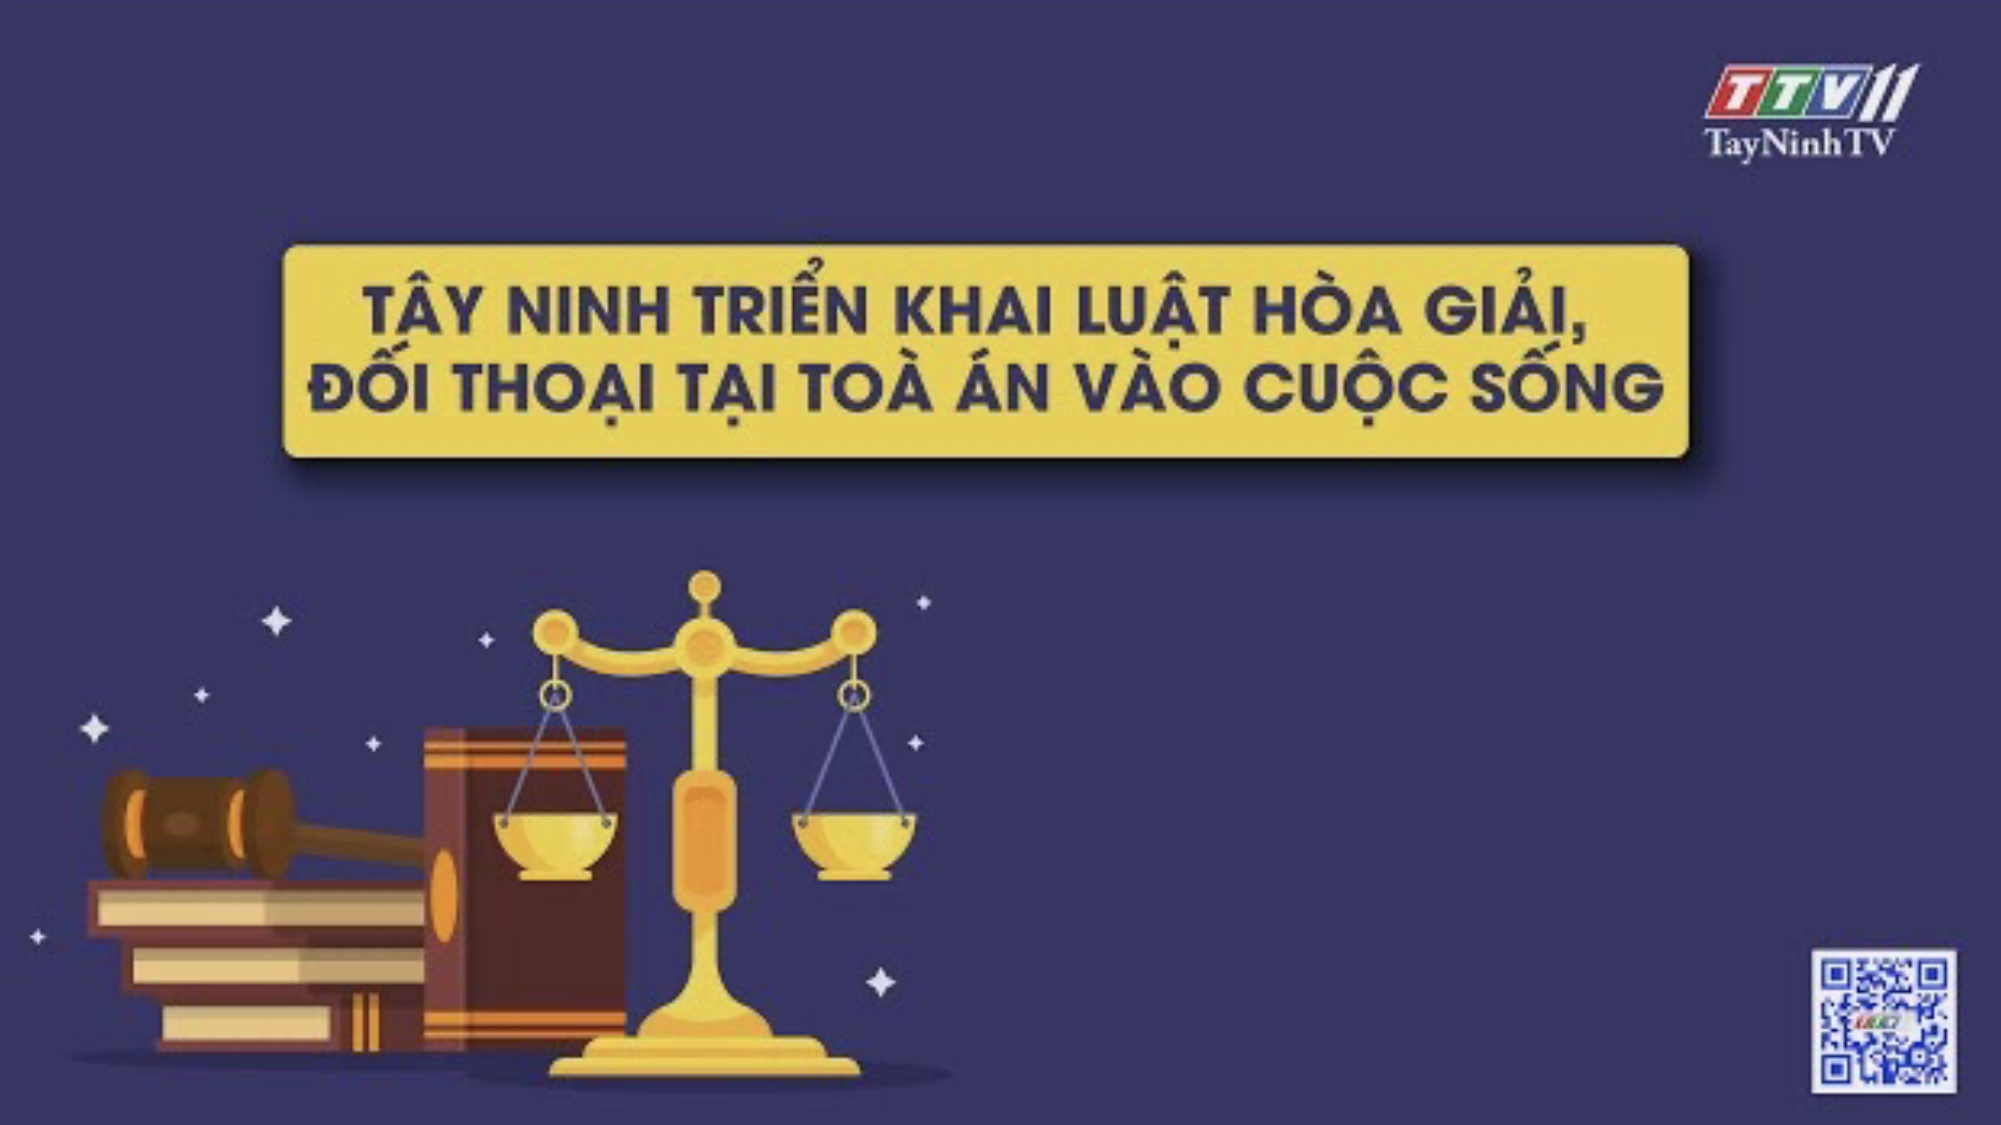 TÂY NINH TRIỂN KHAI LUẬT HÒA GIẢI ĐỐI THOẠI TẠI TÒA ÁN VÀO CUỘC SỐNG | Văn bản pháp luật | TayNinhTV